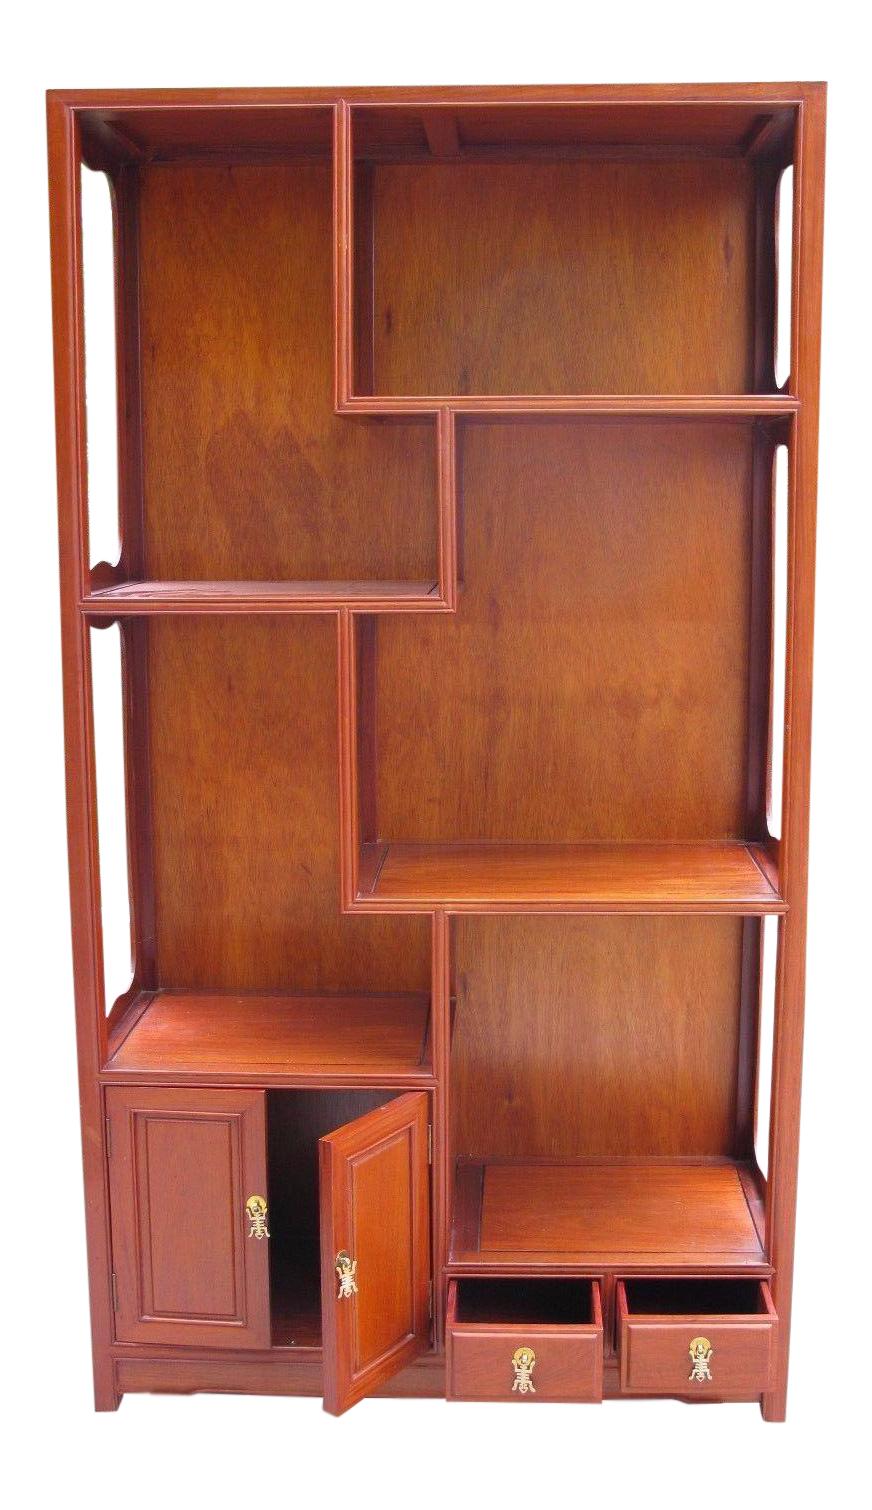 midcentury bespoke rosewood bookcase